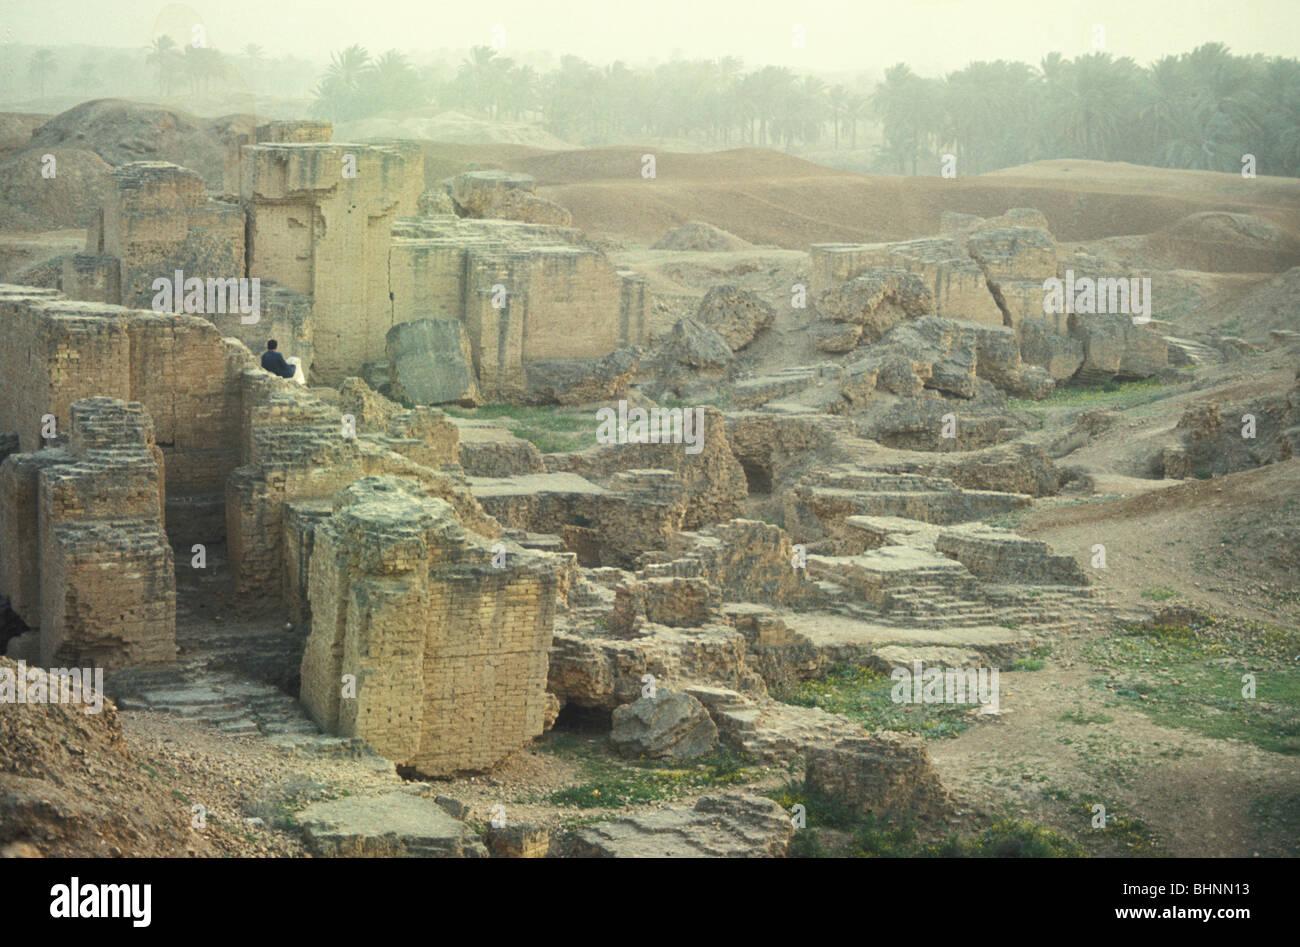 Alte Schlamm Ziegel Ruinen von Babylon Mesopotamien Hilla Irak Stockbild